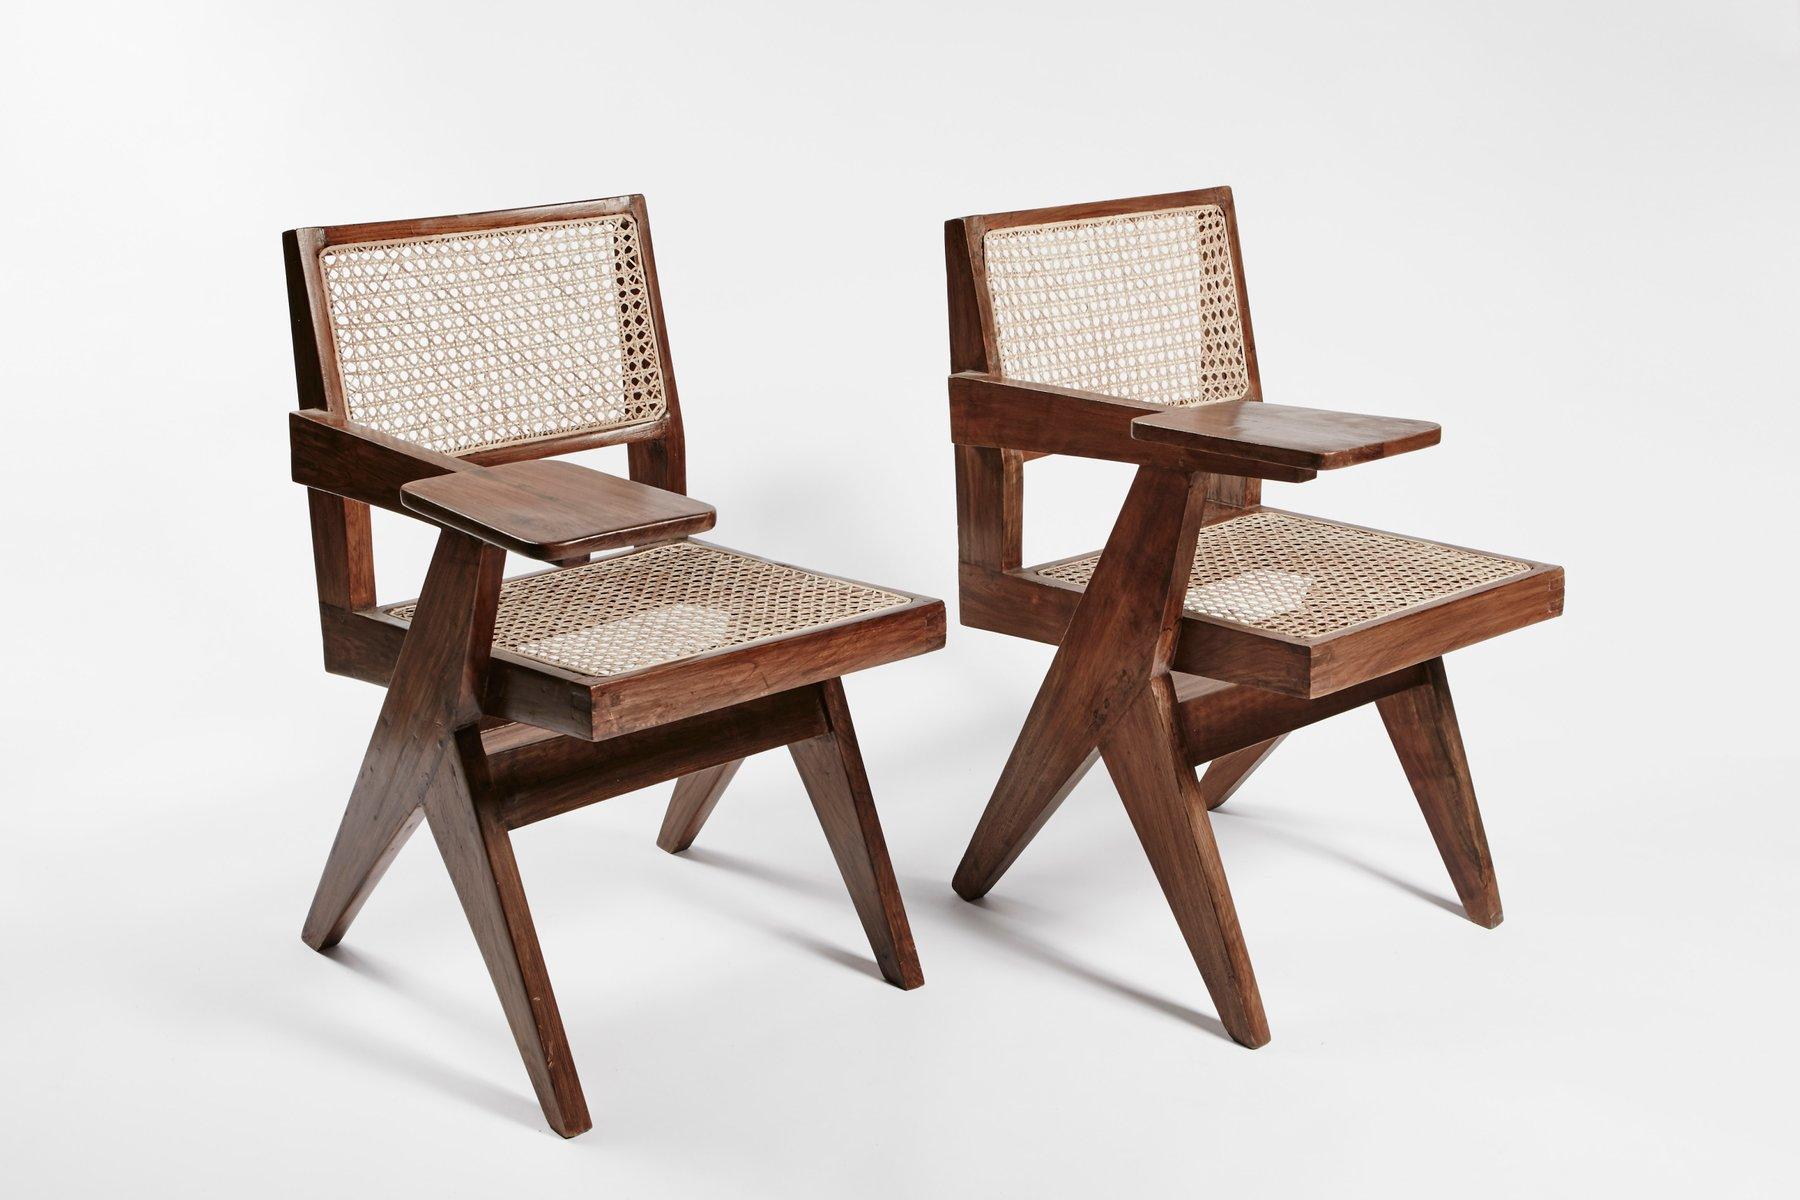 teak and wicker desk chairspierre jeanneret, set of 2 for sale